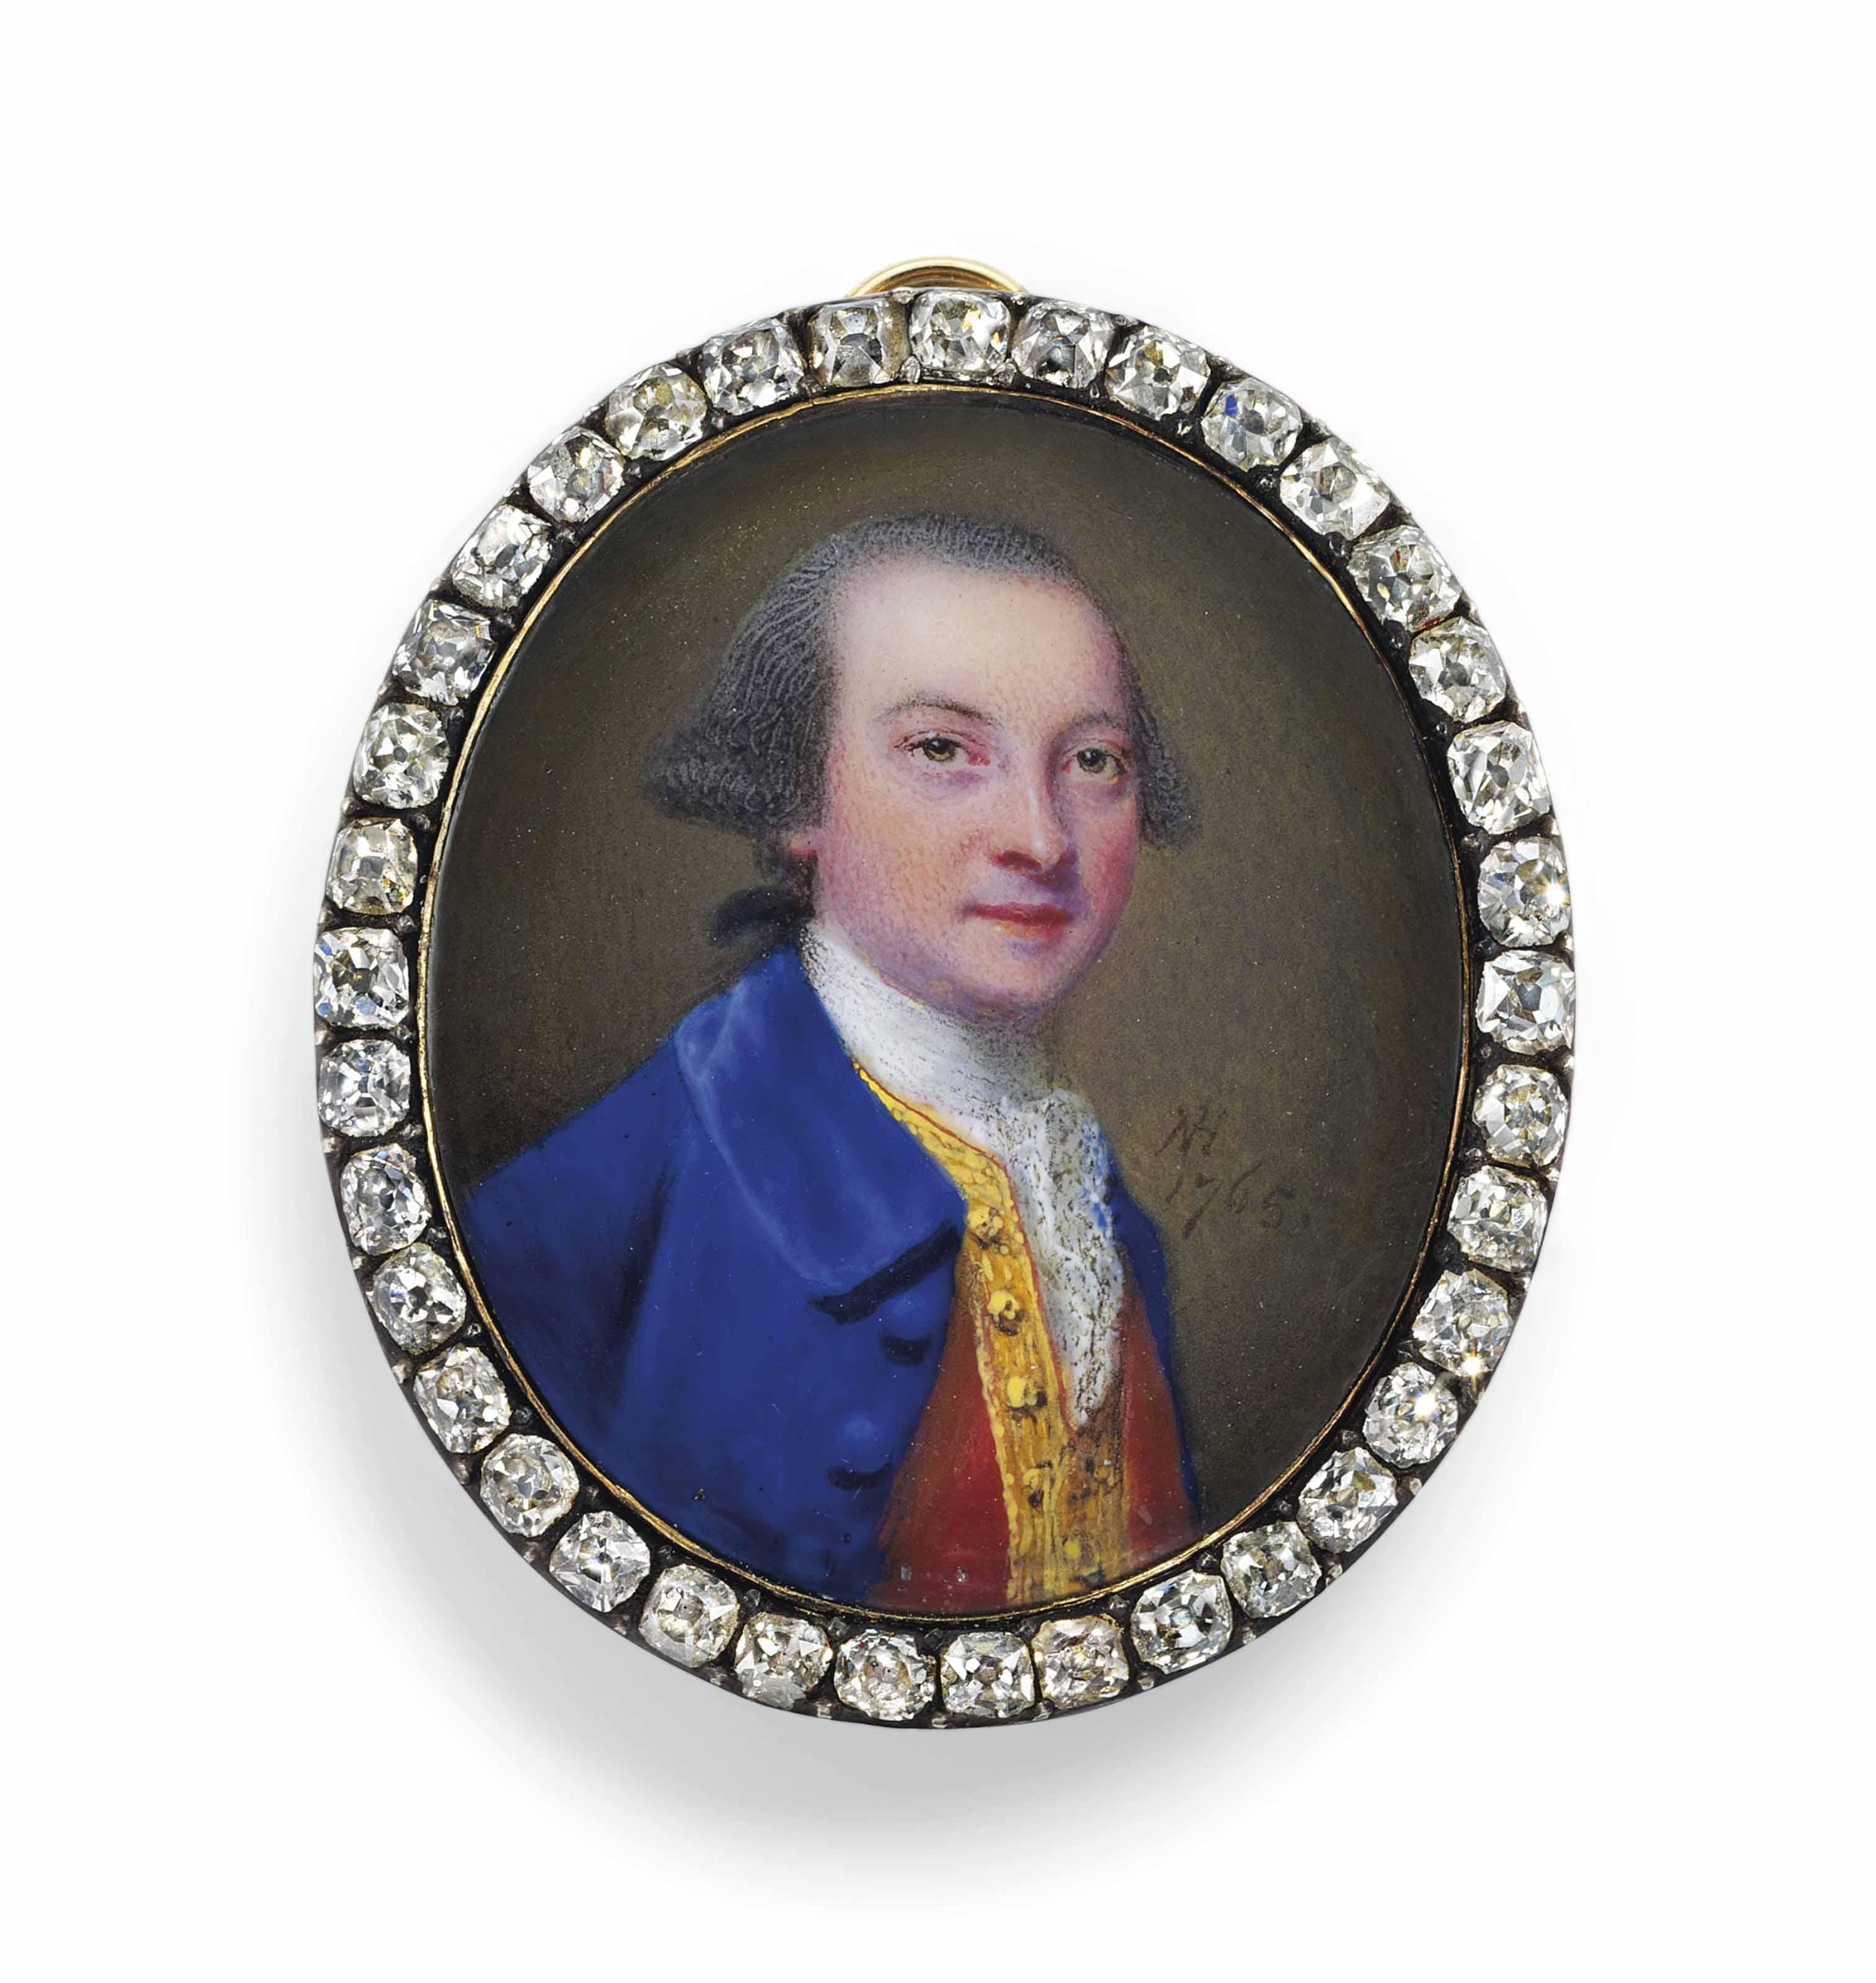 NATHANIEL HONE (ANGLO-IRISH, 1718-1784)